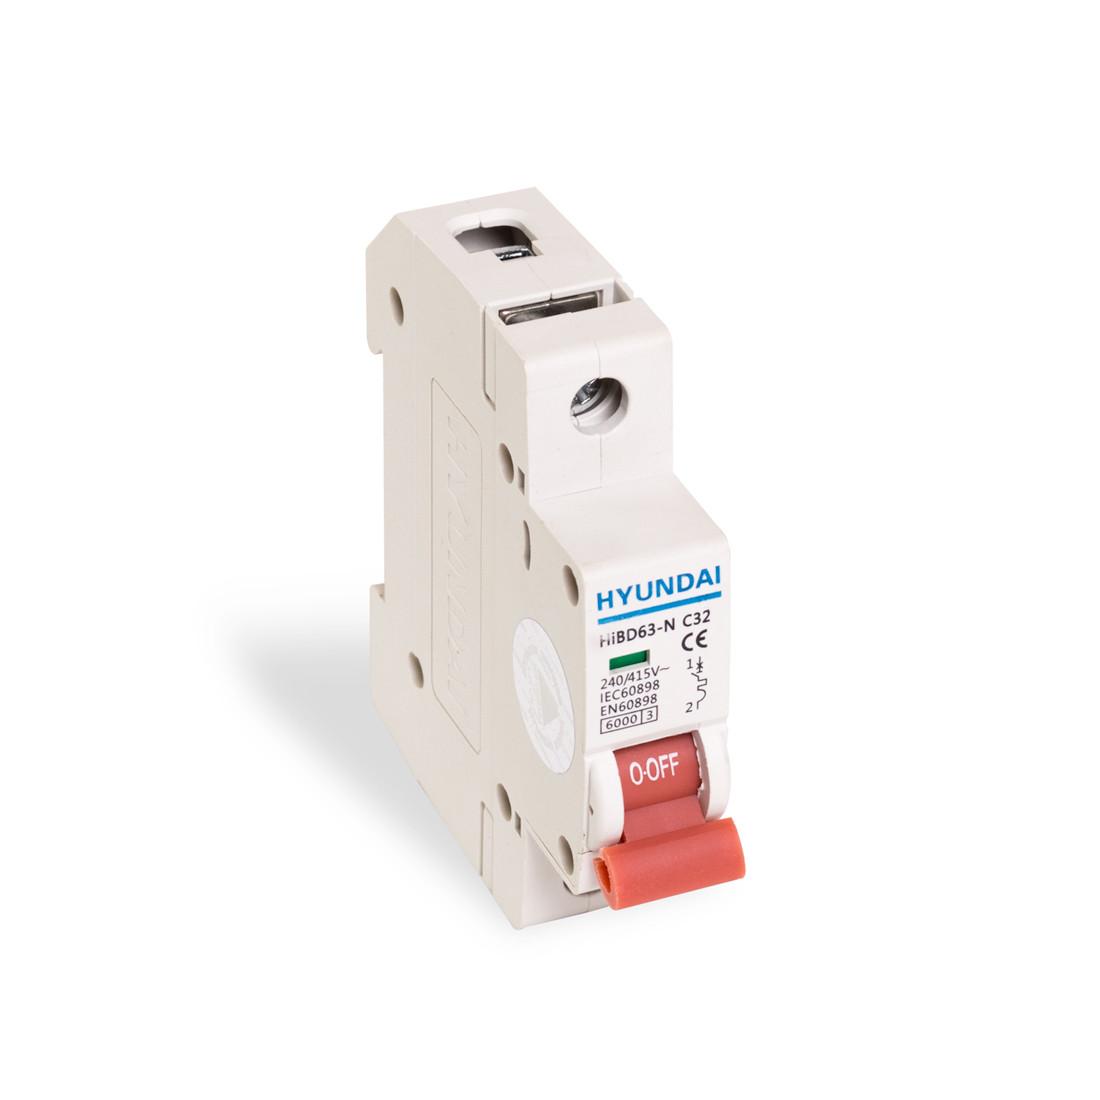 Автоматический выключатель реечный HYUNDAI HIBD63-N 1PMCS0000C 1Р 10А